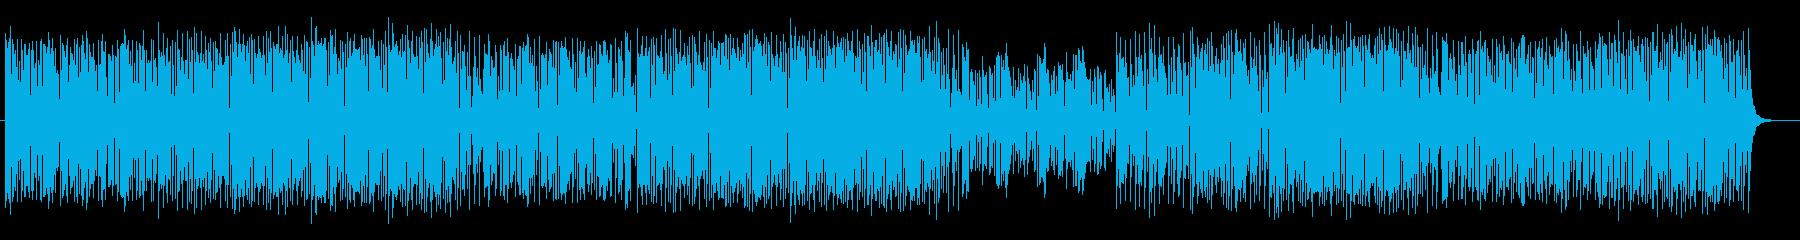 楽しくコミカルなシンセサイザーサウンドの再生済みの波形